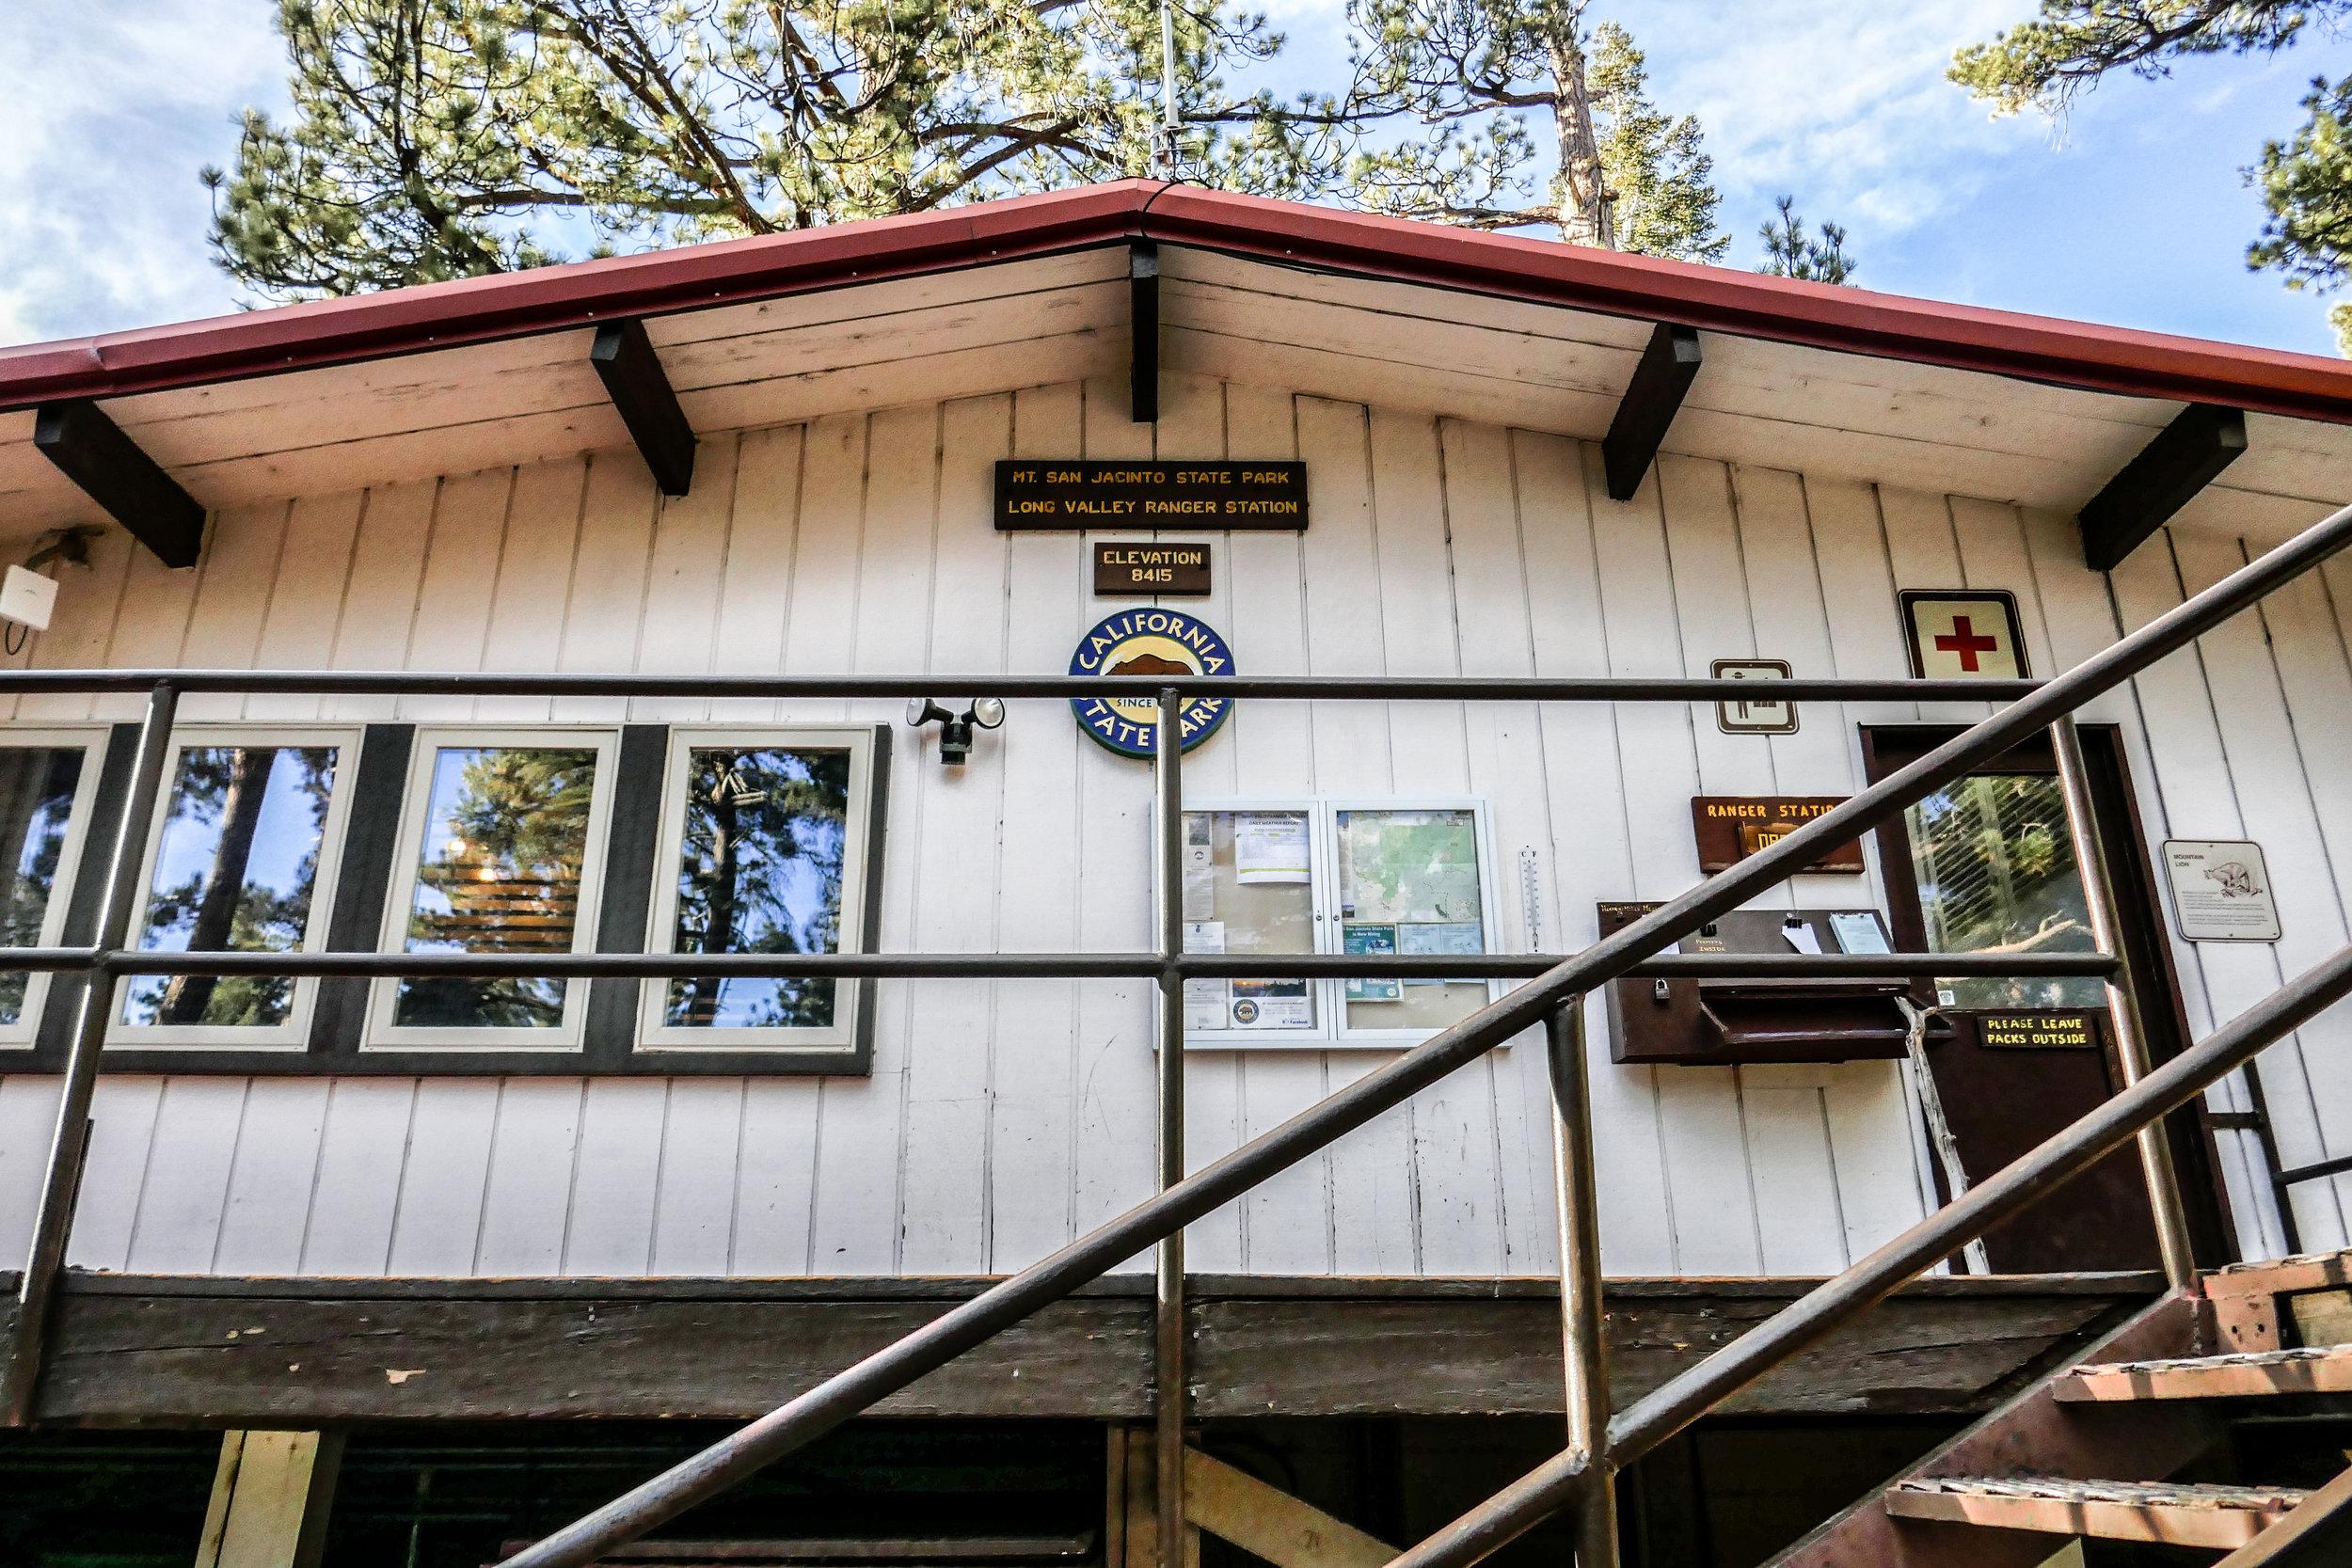 Long Valley Ranger Station.